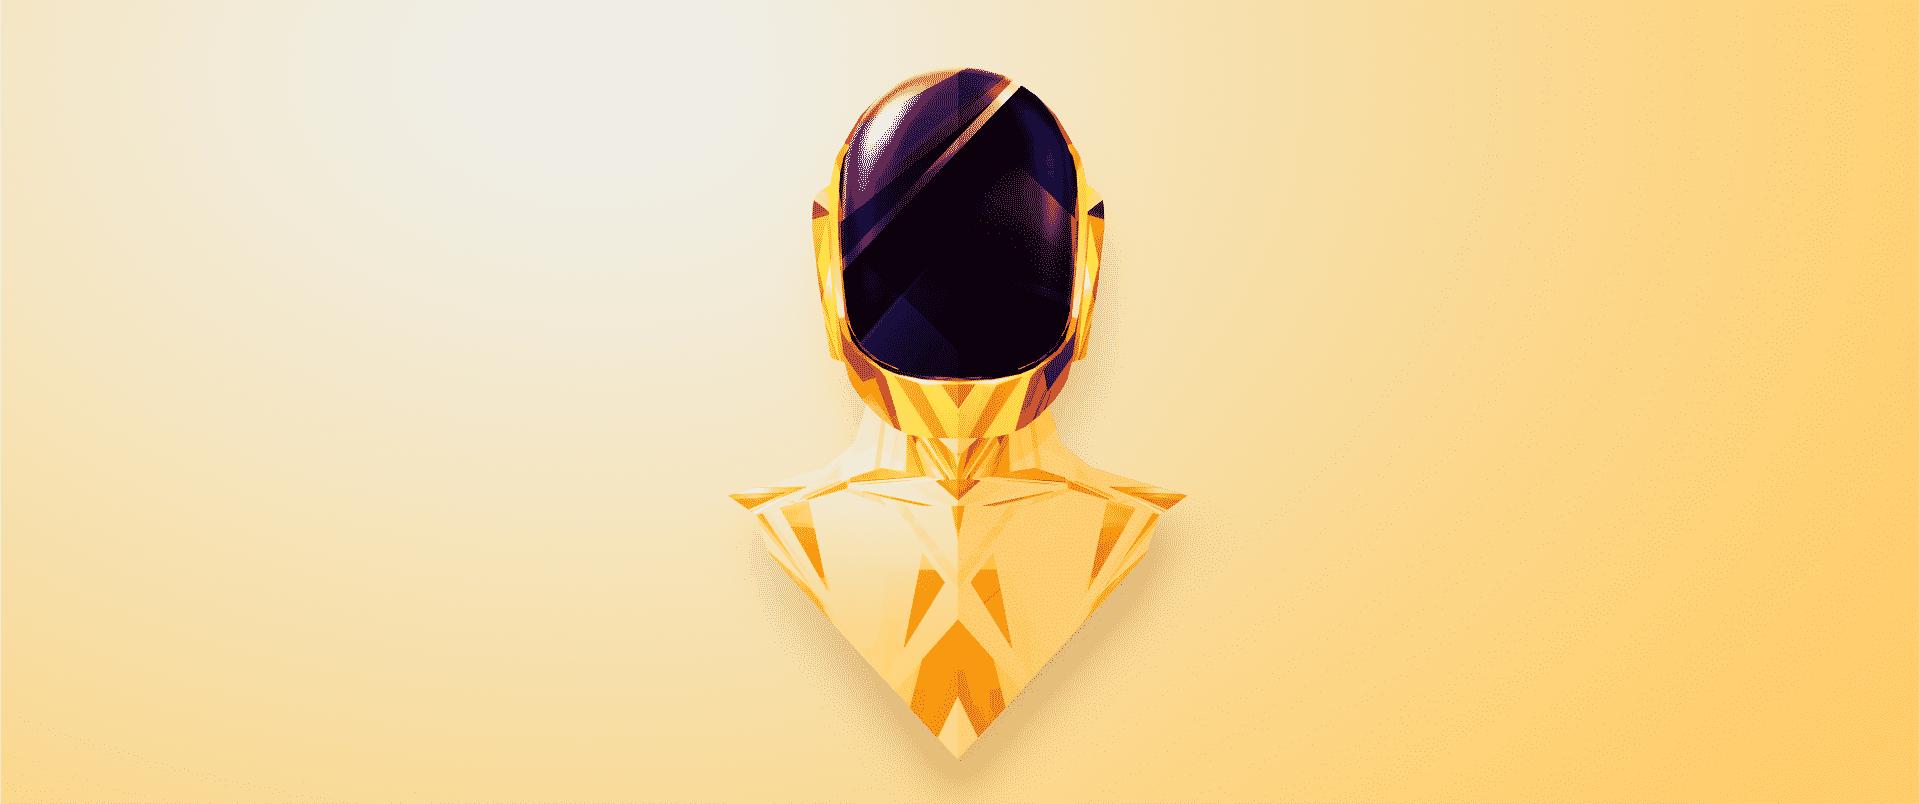 Tae Daft Punk avatar